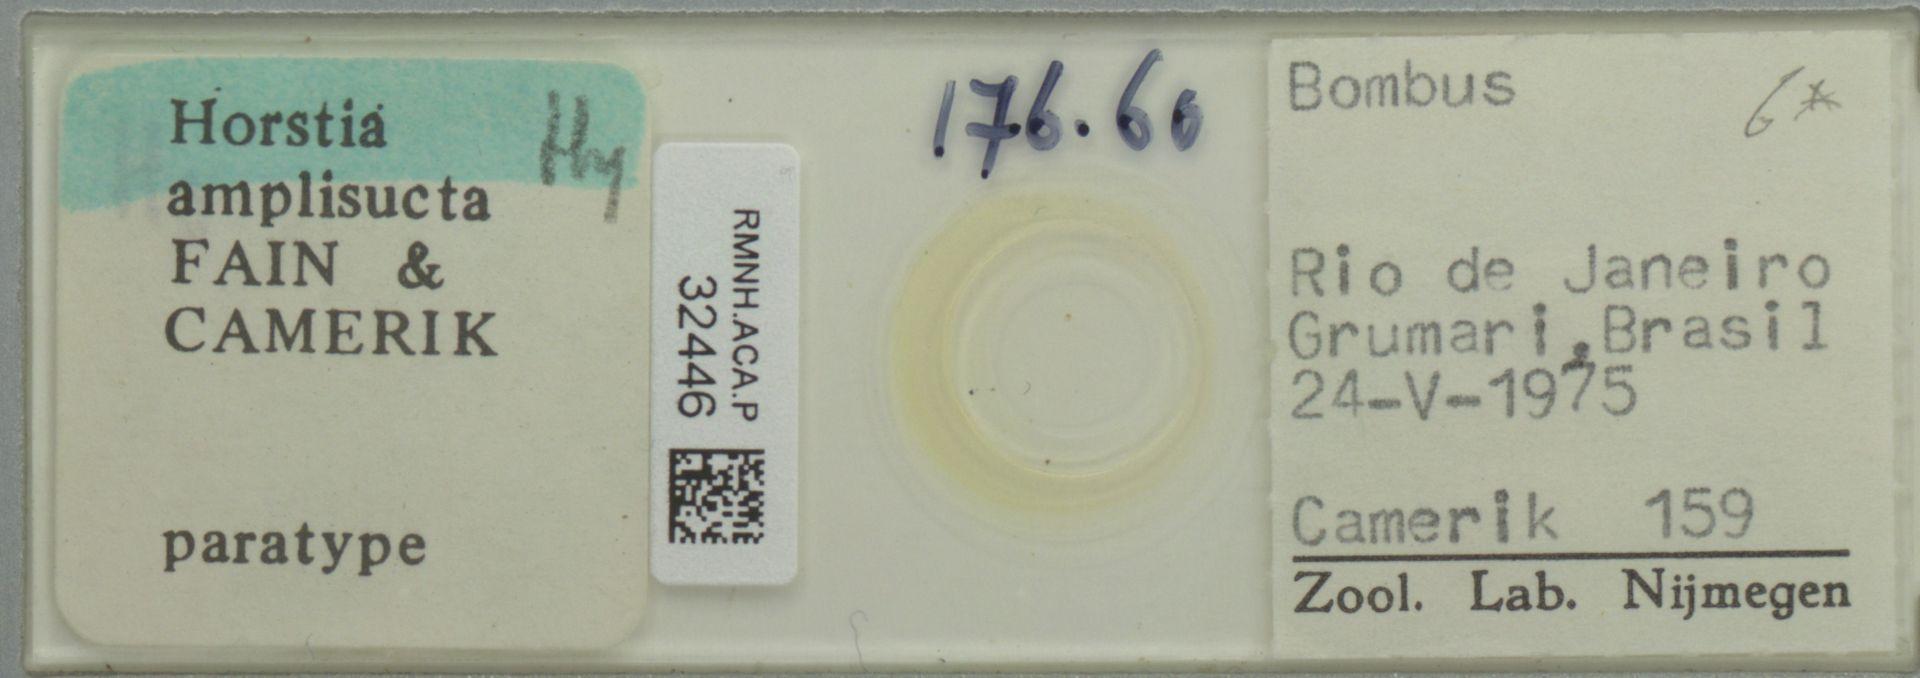 RMNH.ACA.P.32446   Horstia amplisucta Fain & Camerik